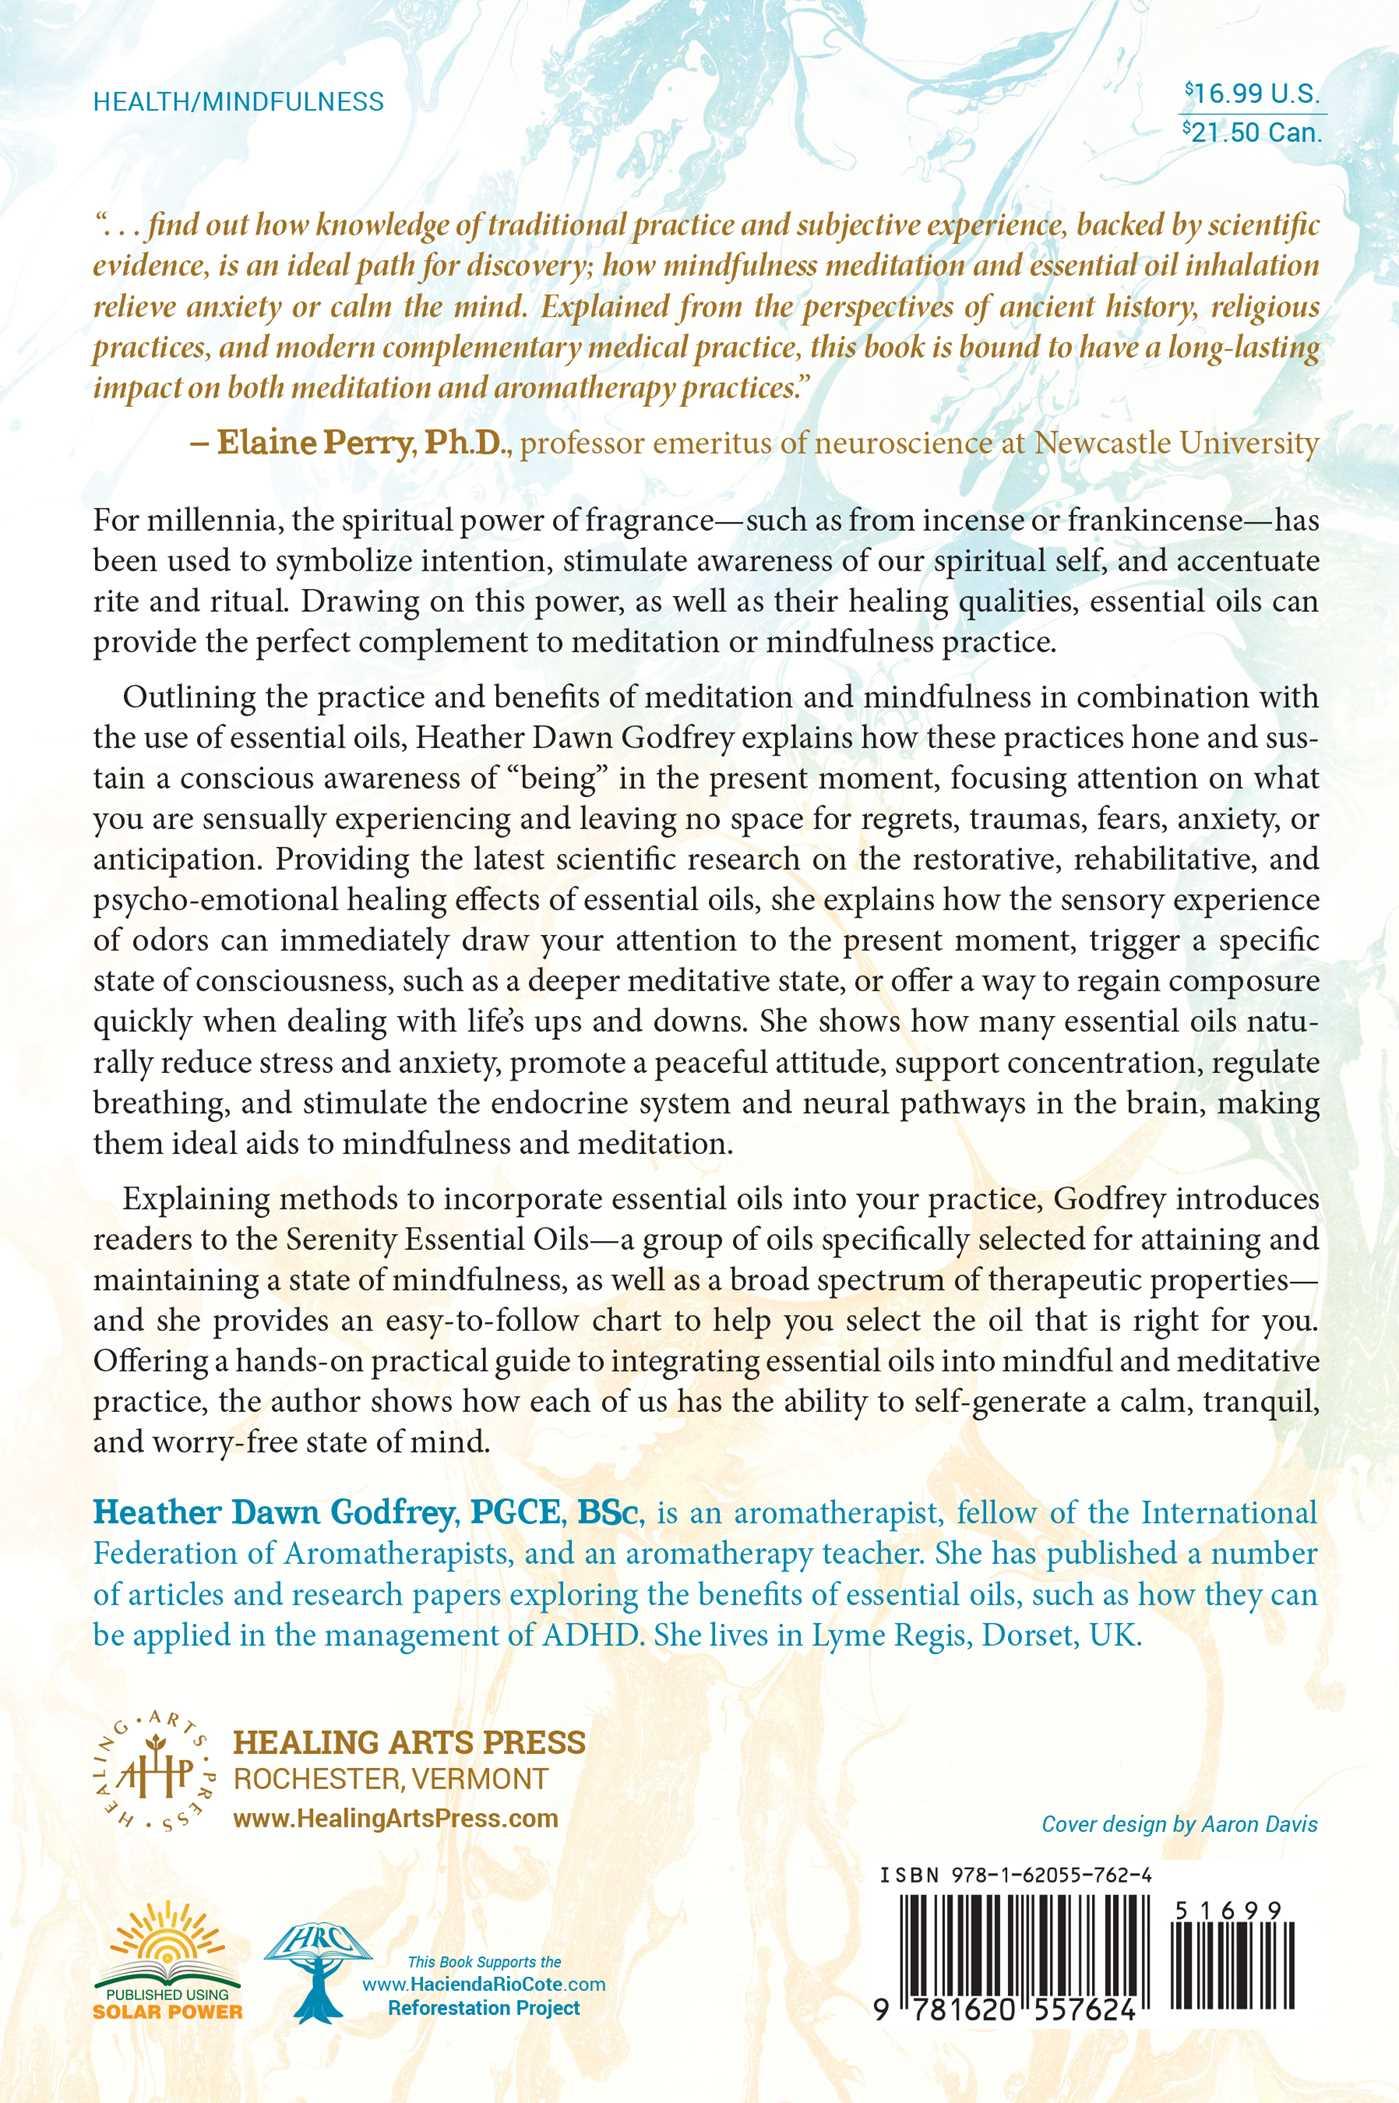 Essential oils for mindfulness and meditation 9781620557624 hr back